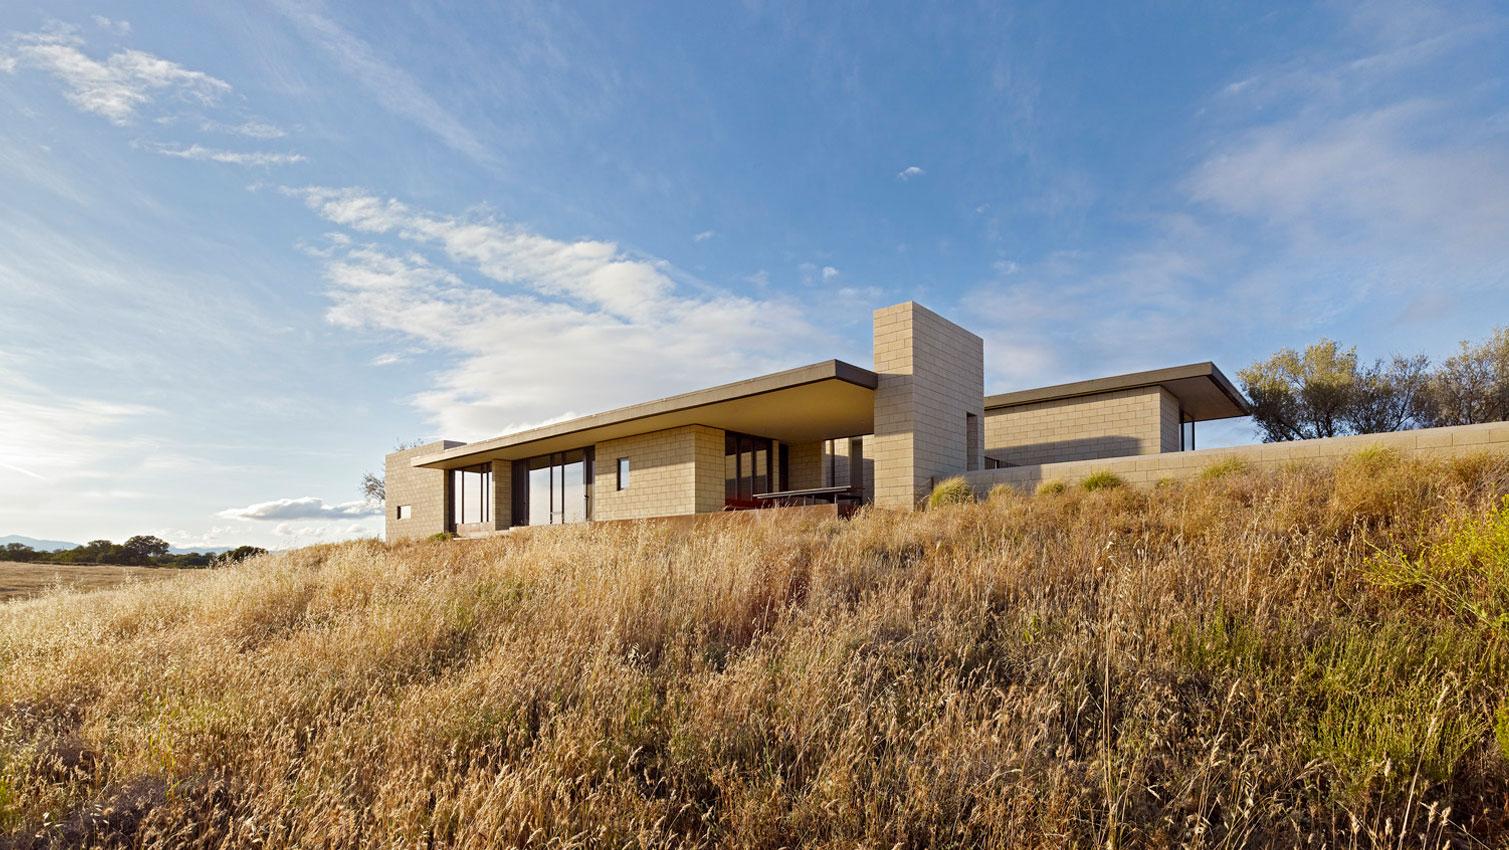 Dise o de casa moderna de un piso de ladrillo caravista for Como hacer una fachada de casa moderna